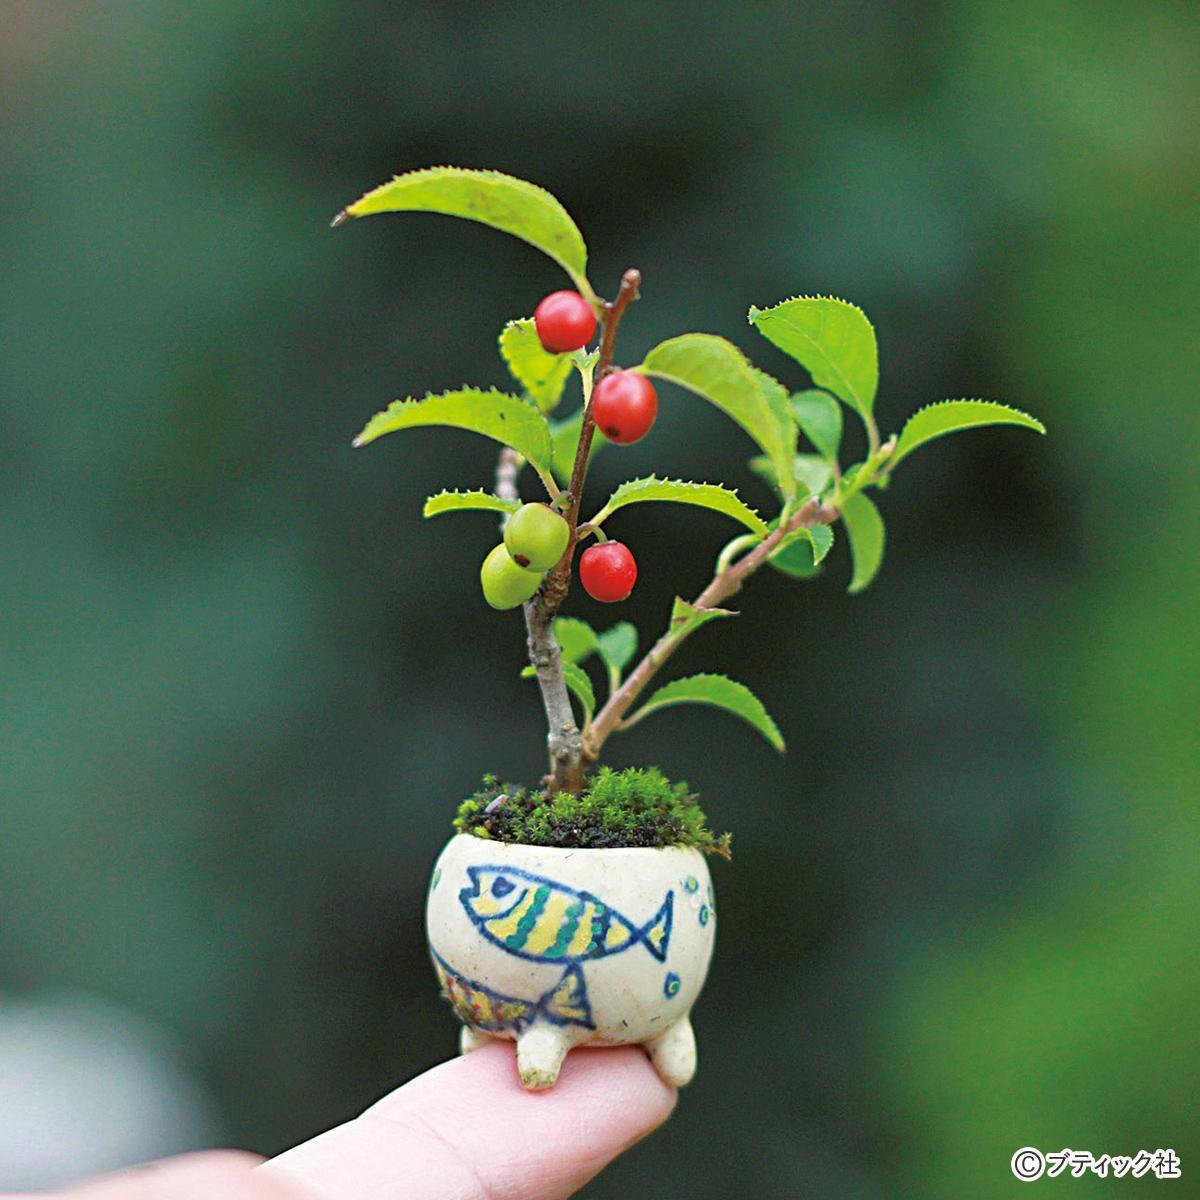 人魚楼日記 植物の世界が扉を開く 盆栽村に行きたい!_e0016517_21383683.jpg